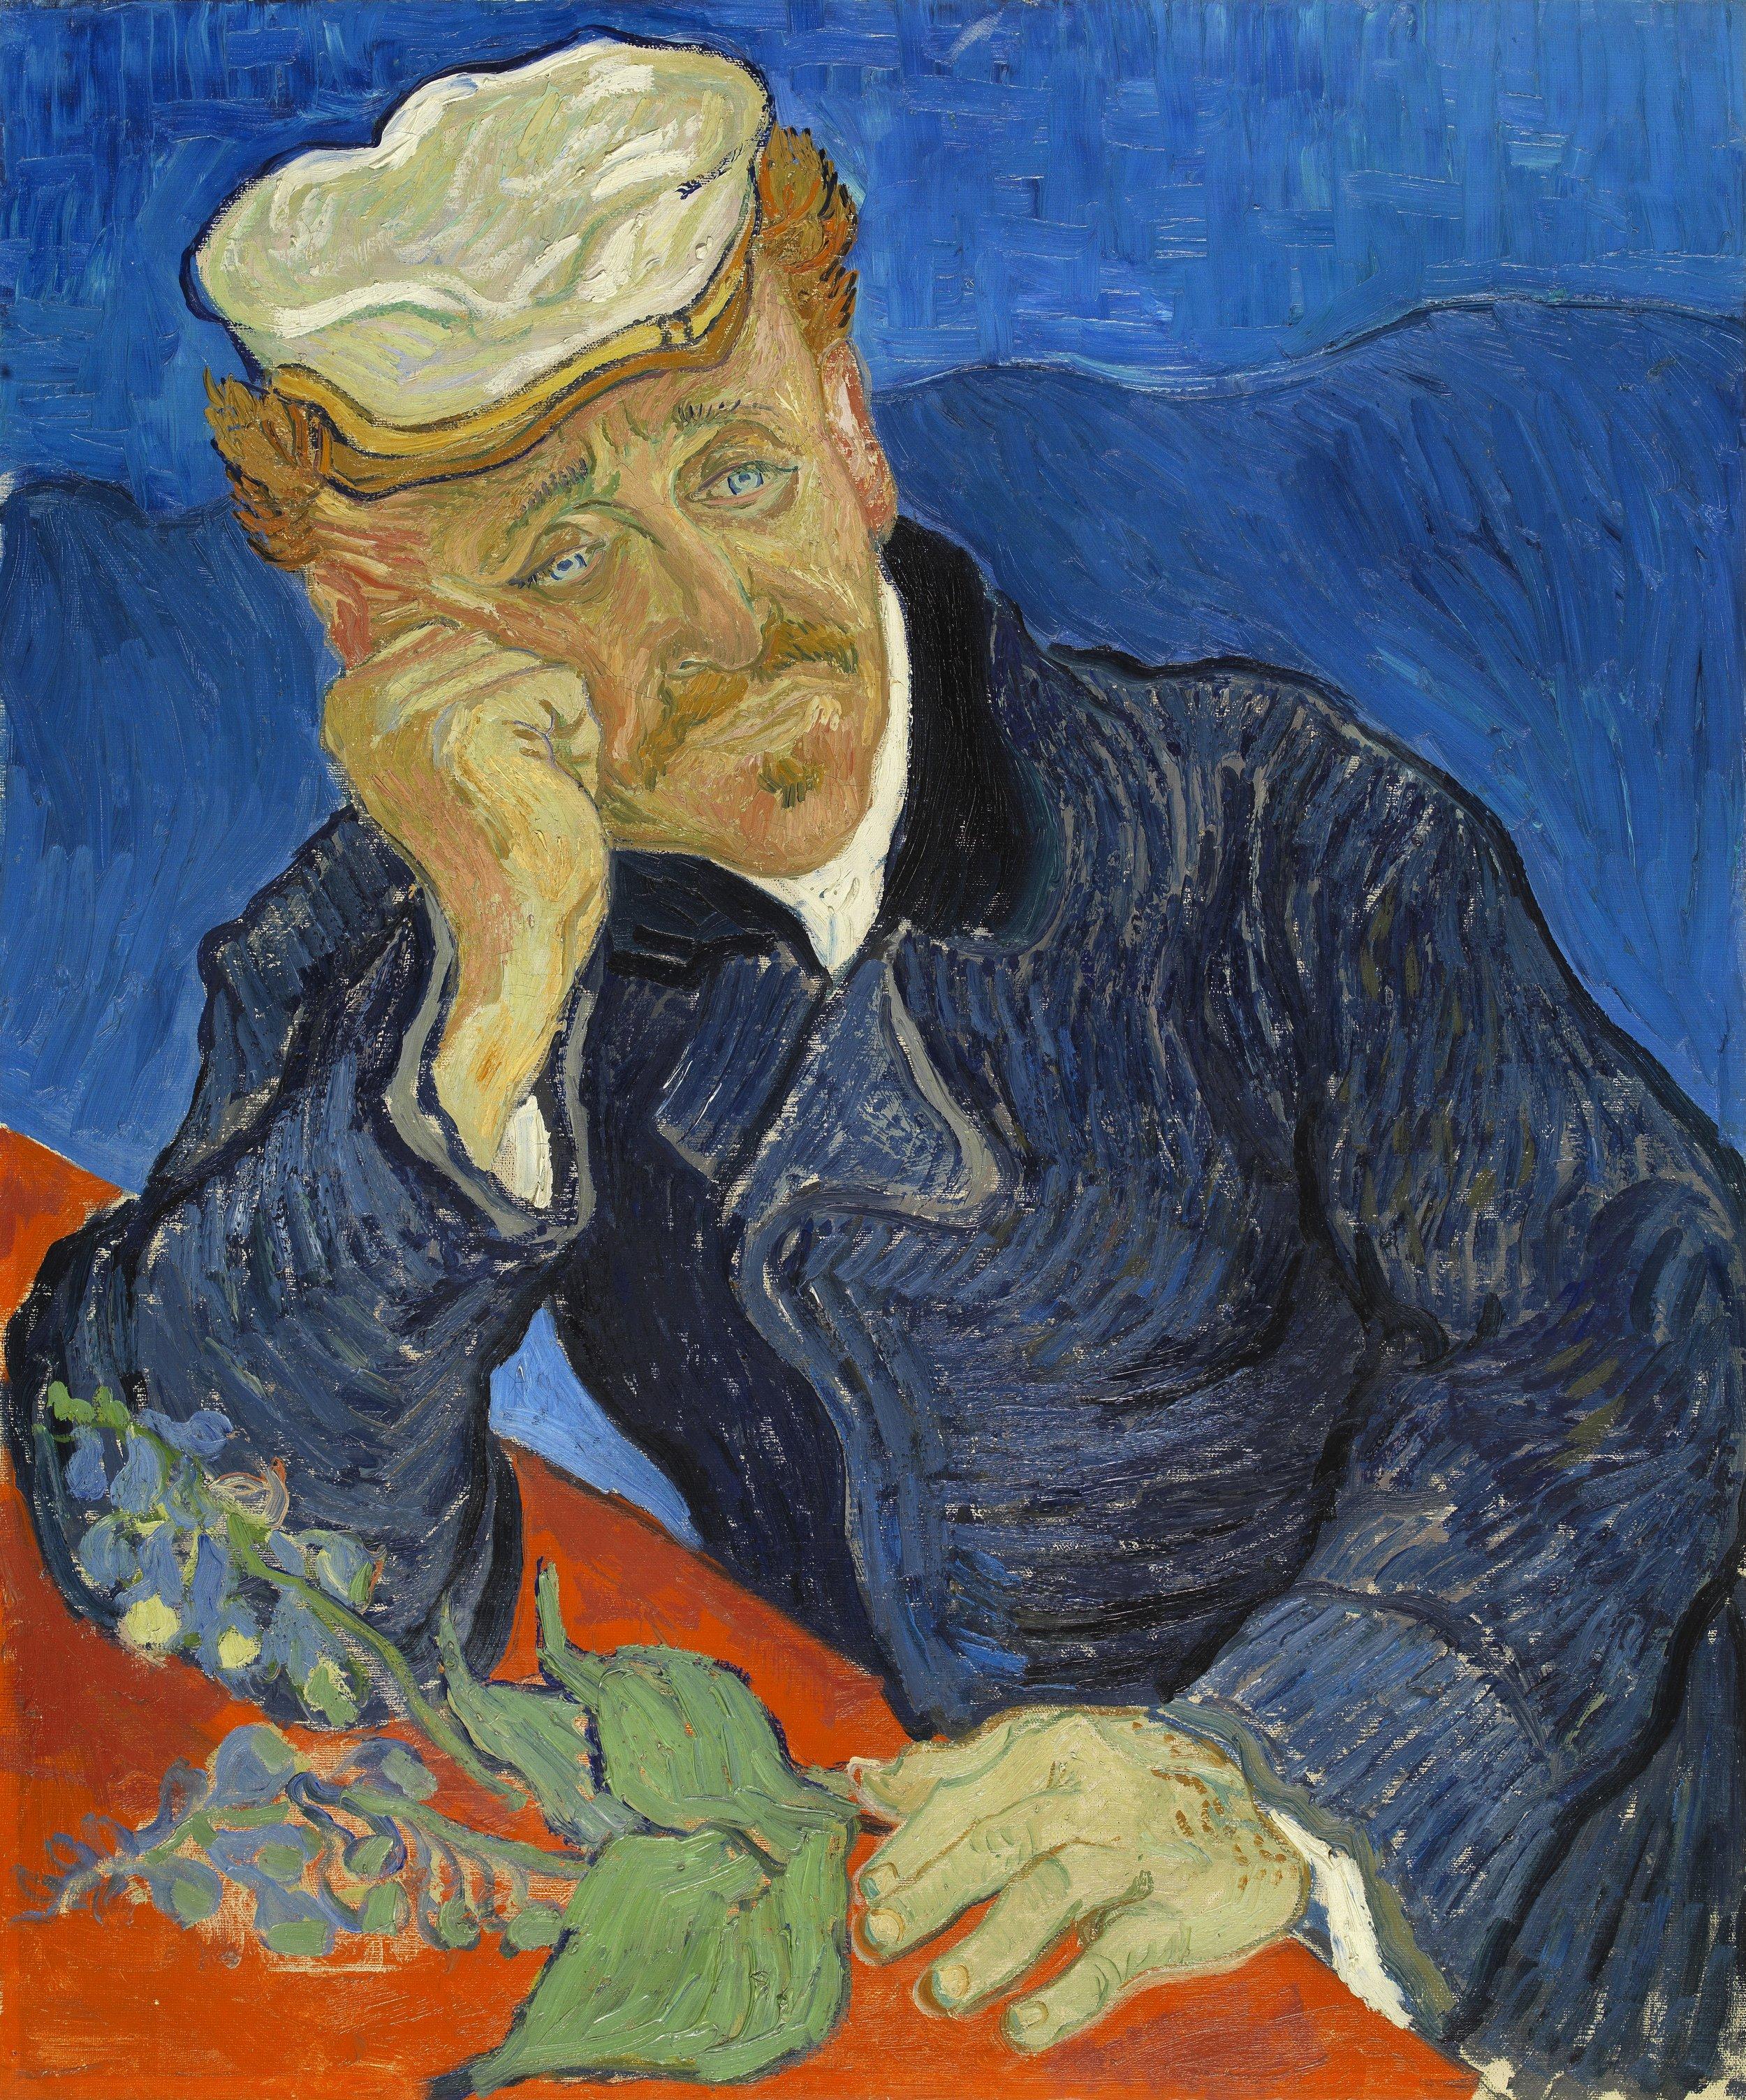 Vincent van Gogh's Portrait of Dr. Gachet